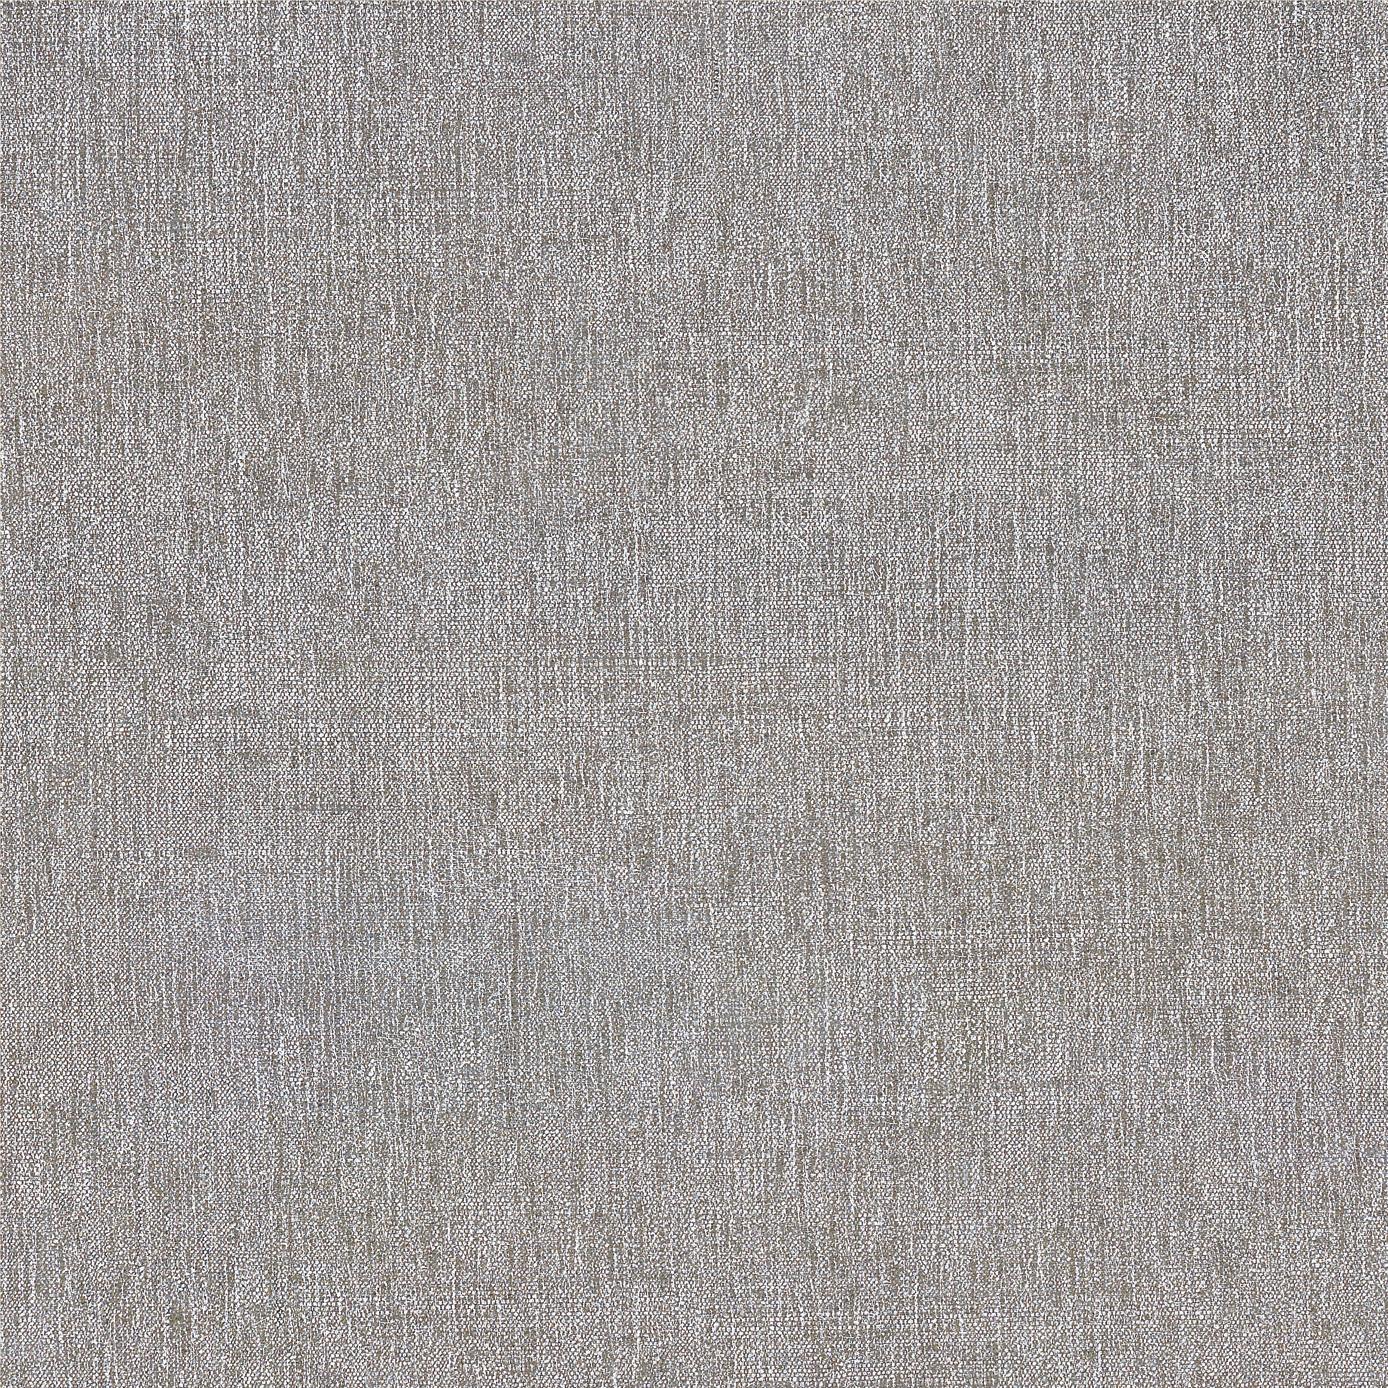 博德瓷磚之布紋系列高清貼圖【ID:936492235】